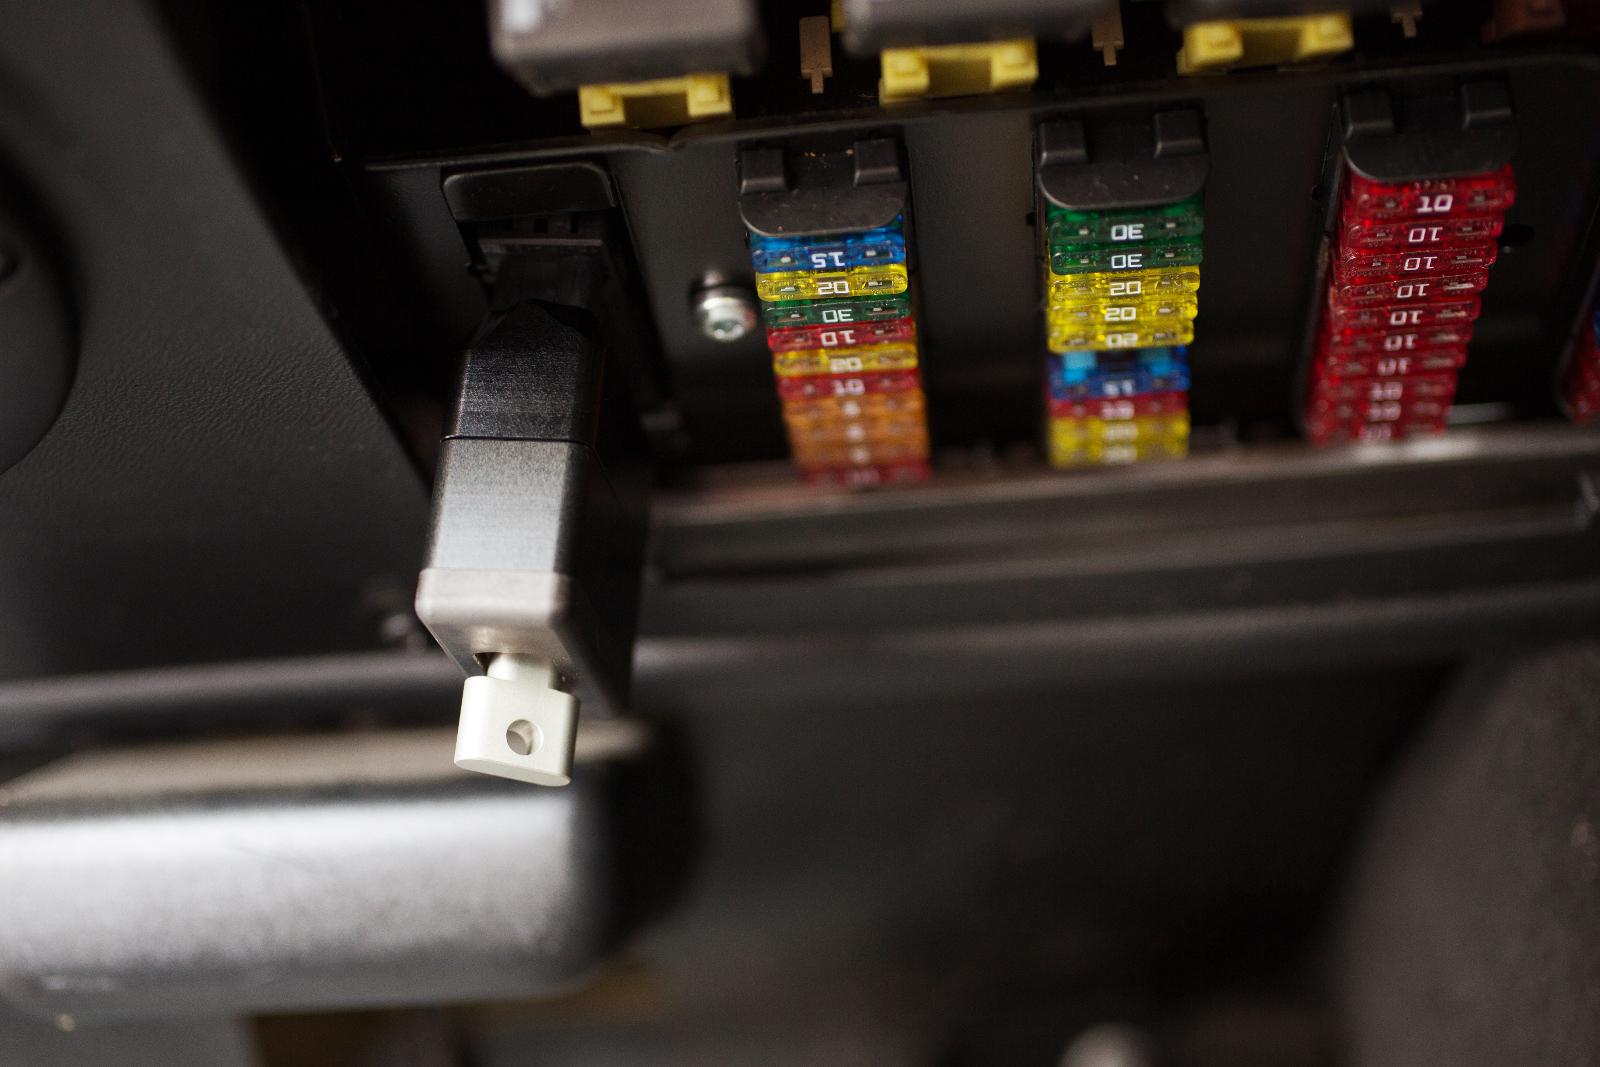 Fahrzeug-Diebstahlschutz - Der OBD-Saver von OK-Computer im Detail